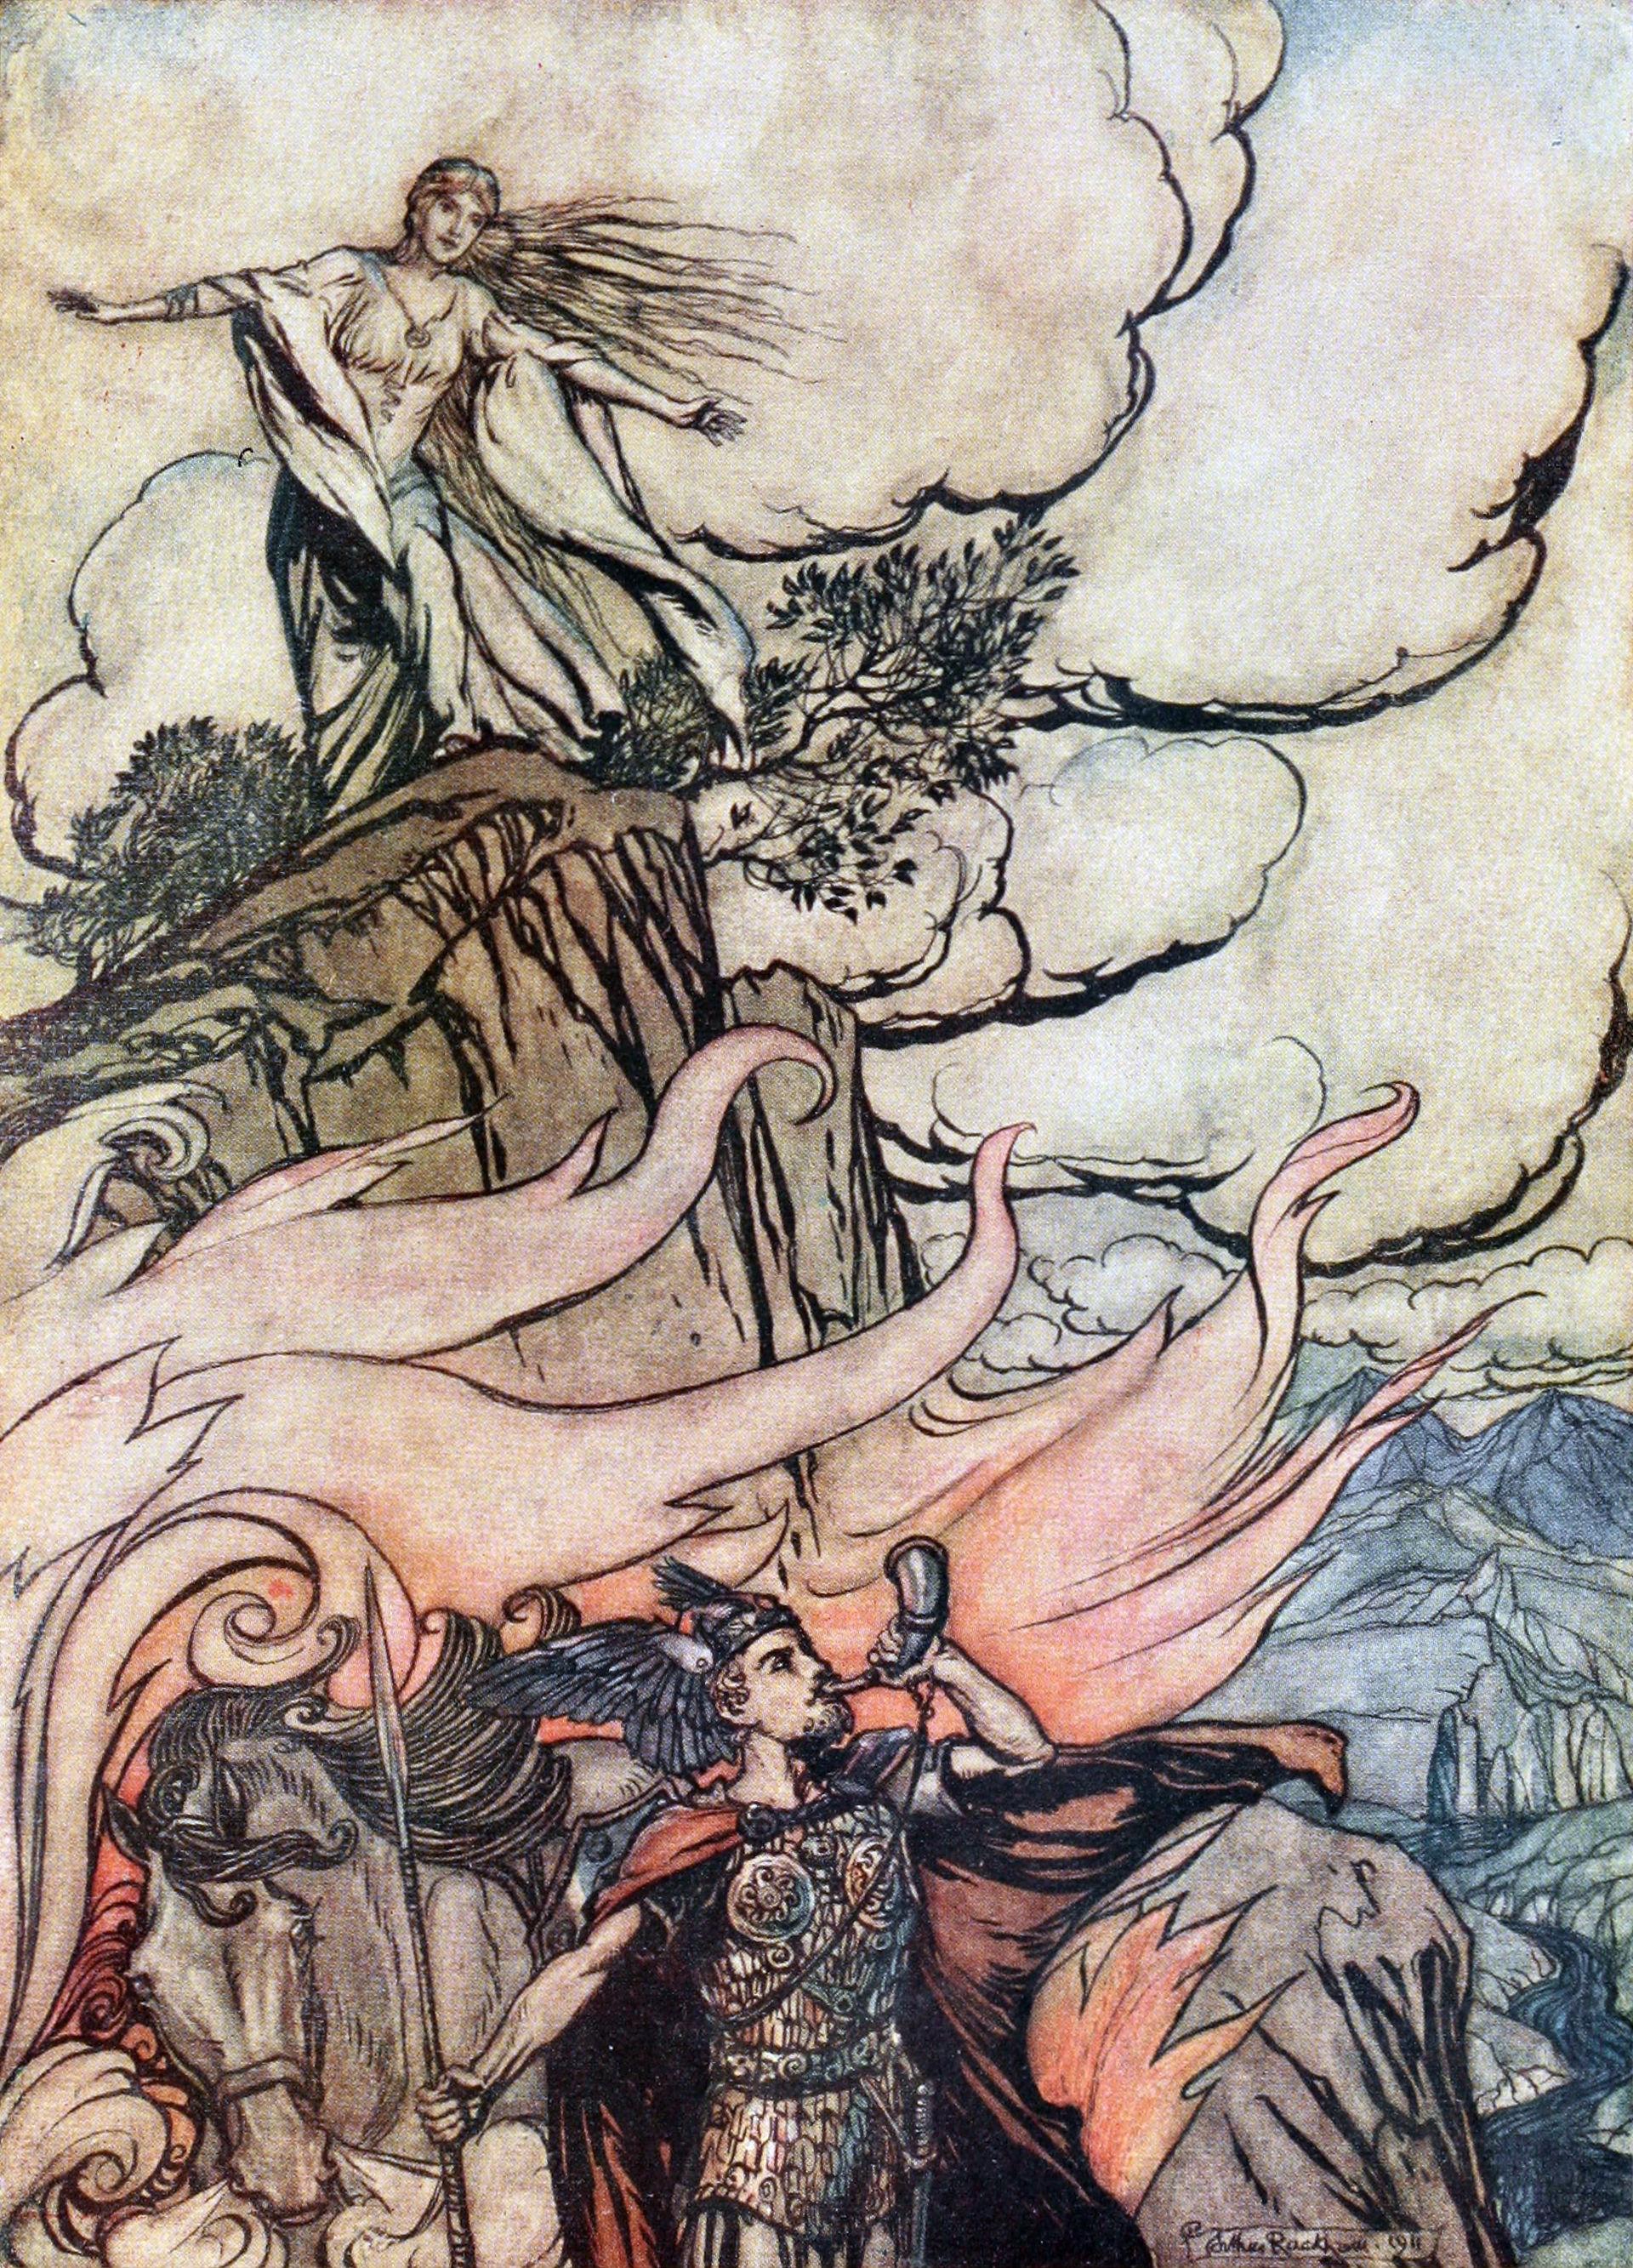 Wikipedia, Arthur Rackham, Siegfried leaving Brünnhilde